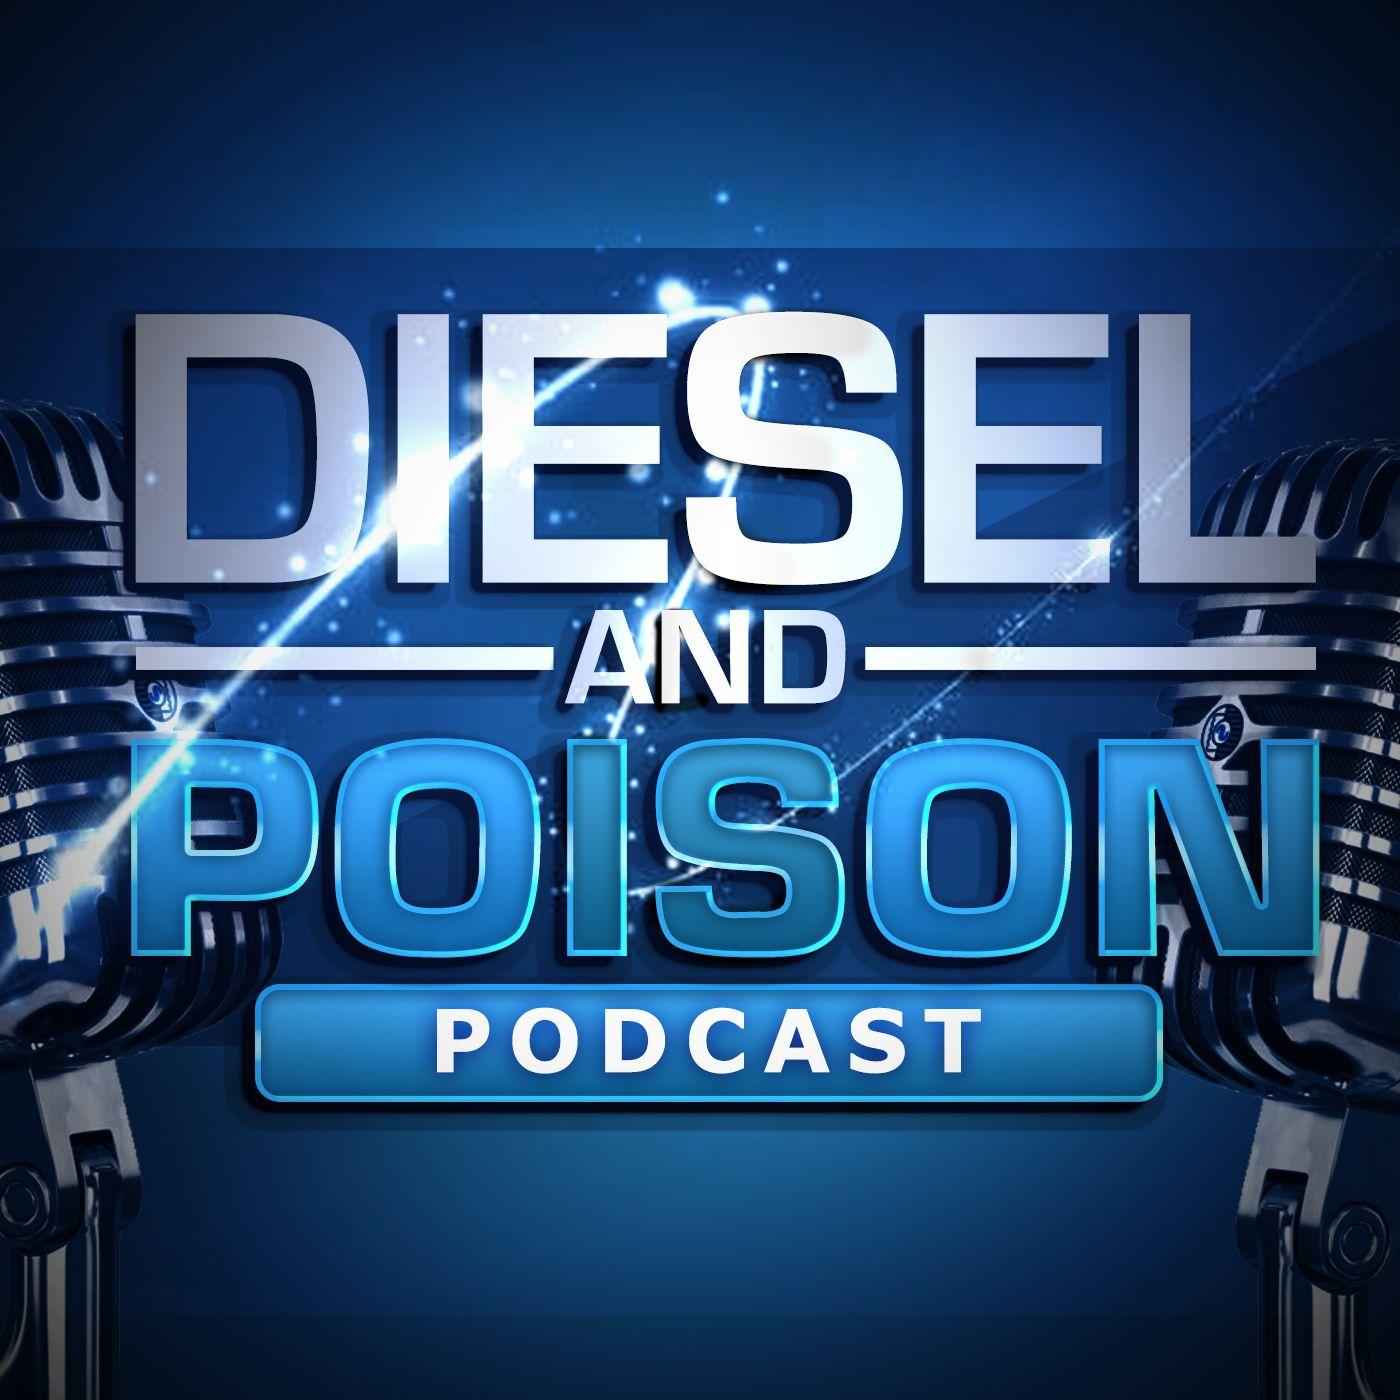 Diesel & Poison